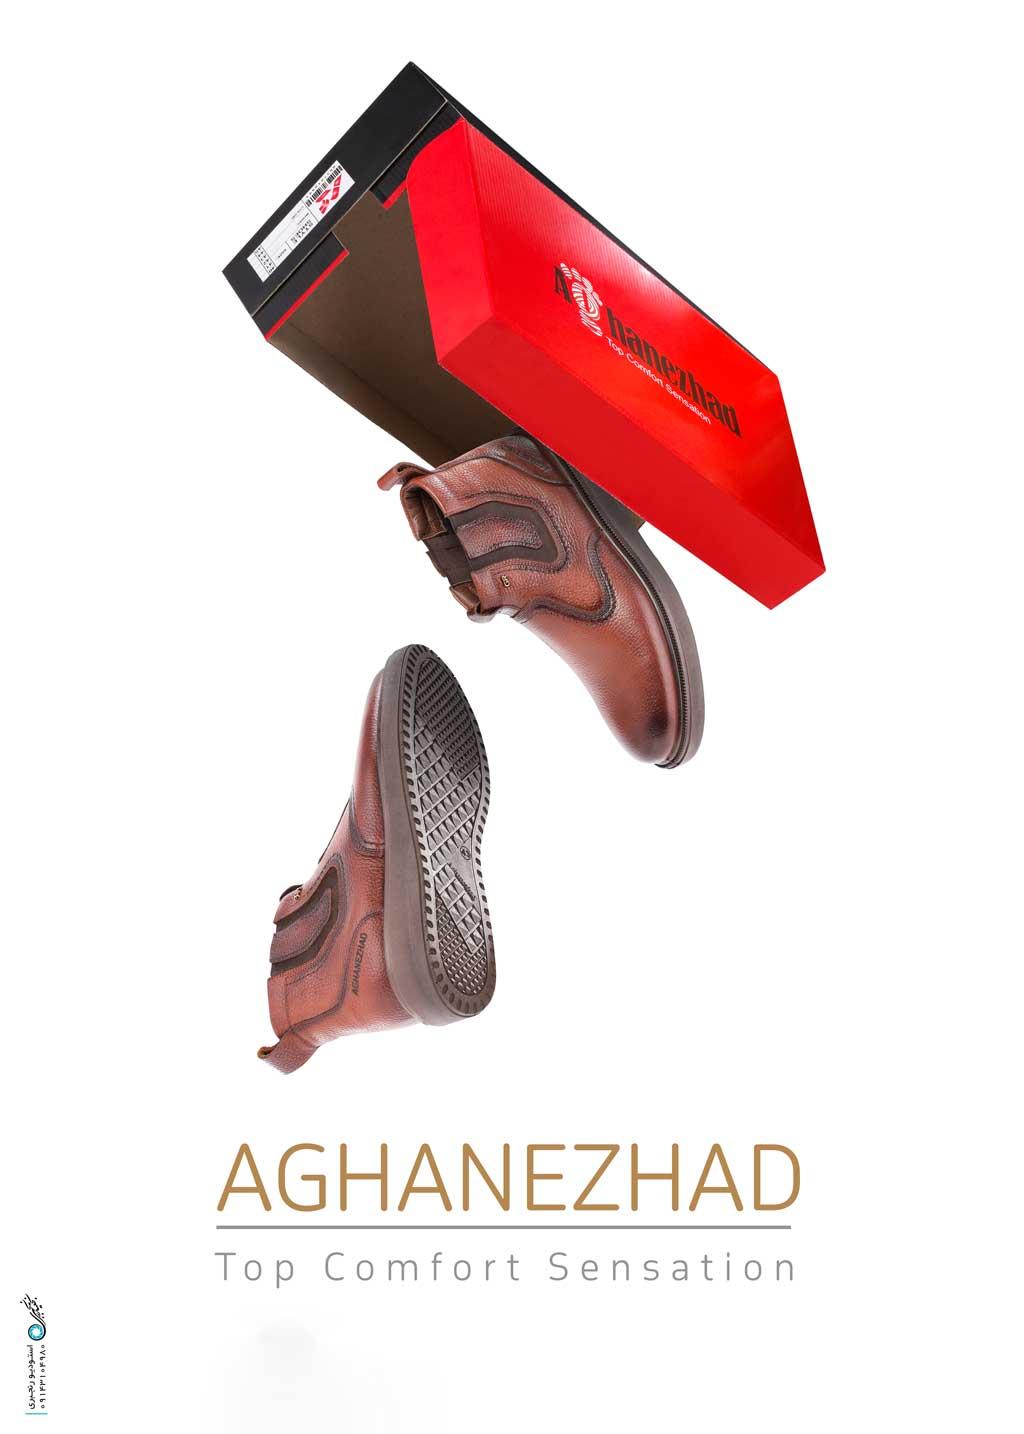 درباره شرکت ارسان صنعت کفش آقانژاد